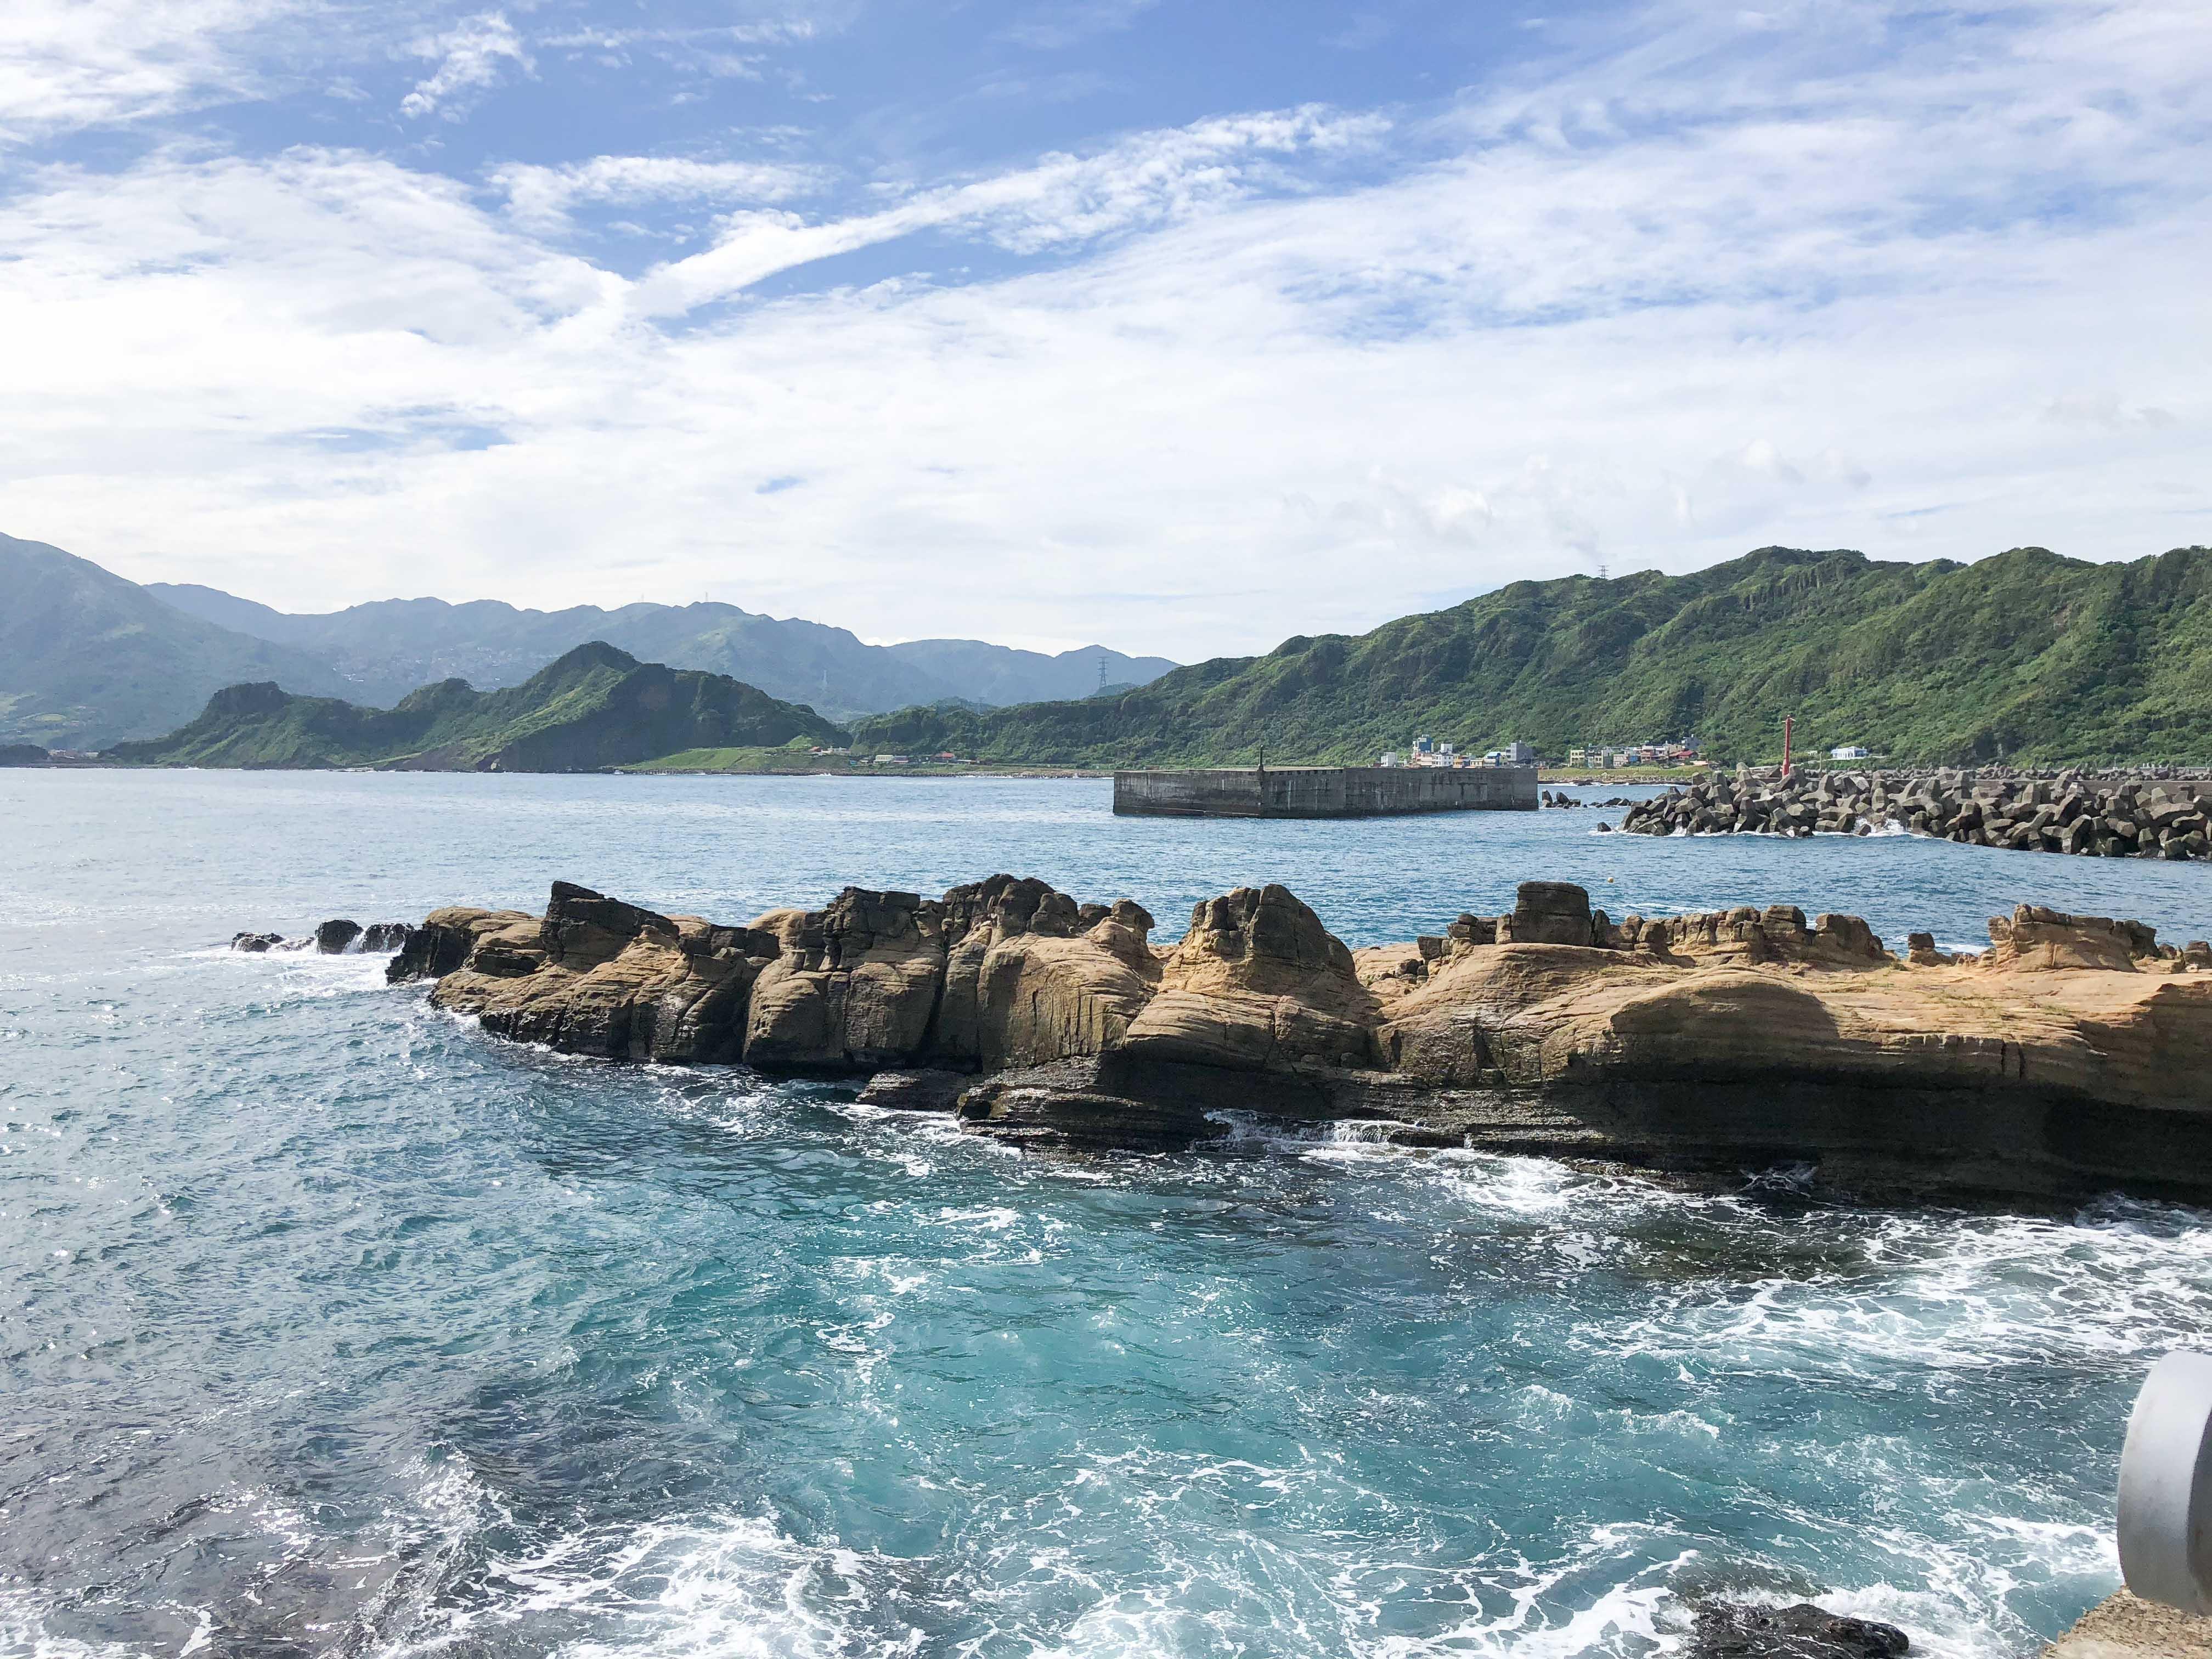 近距離觀賞濱海地景